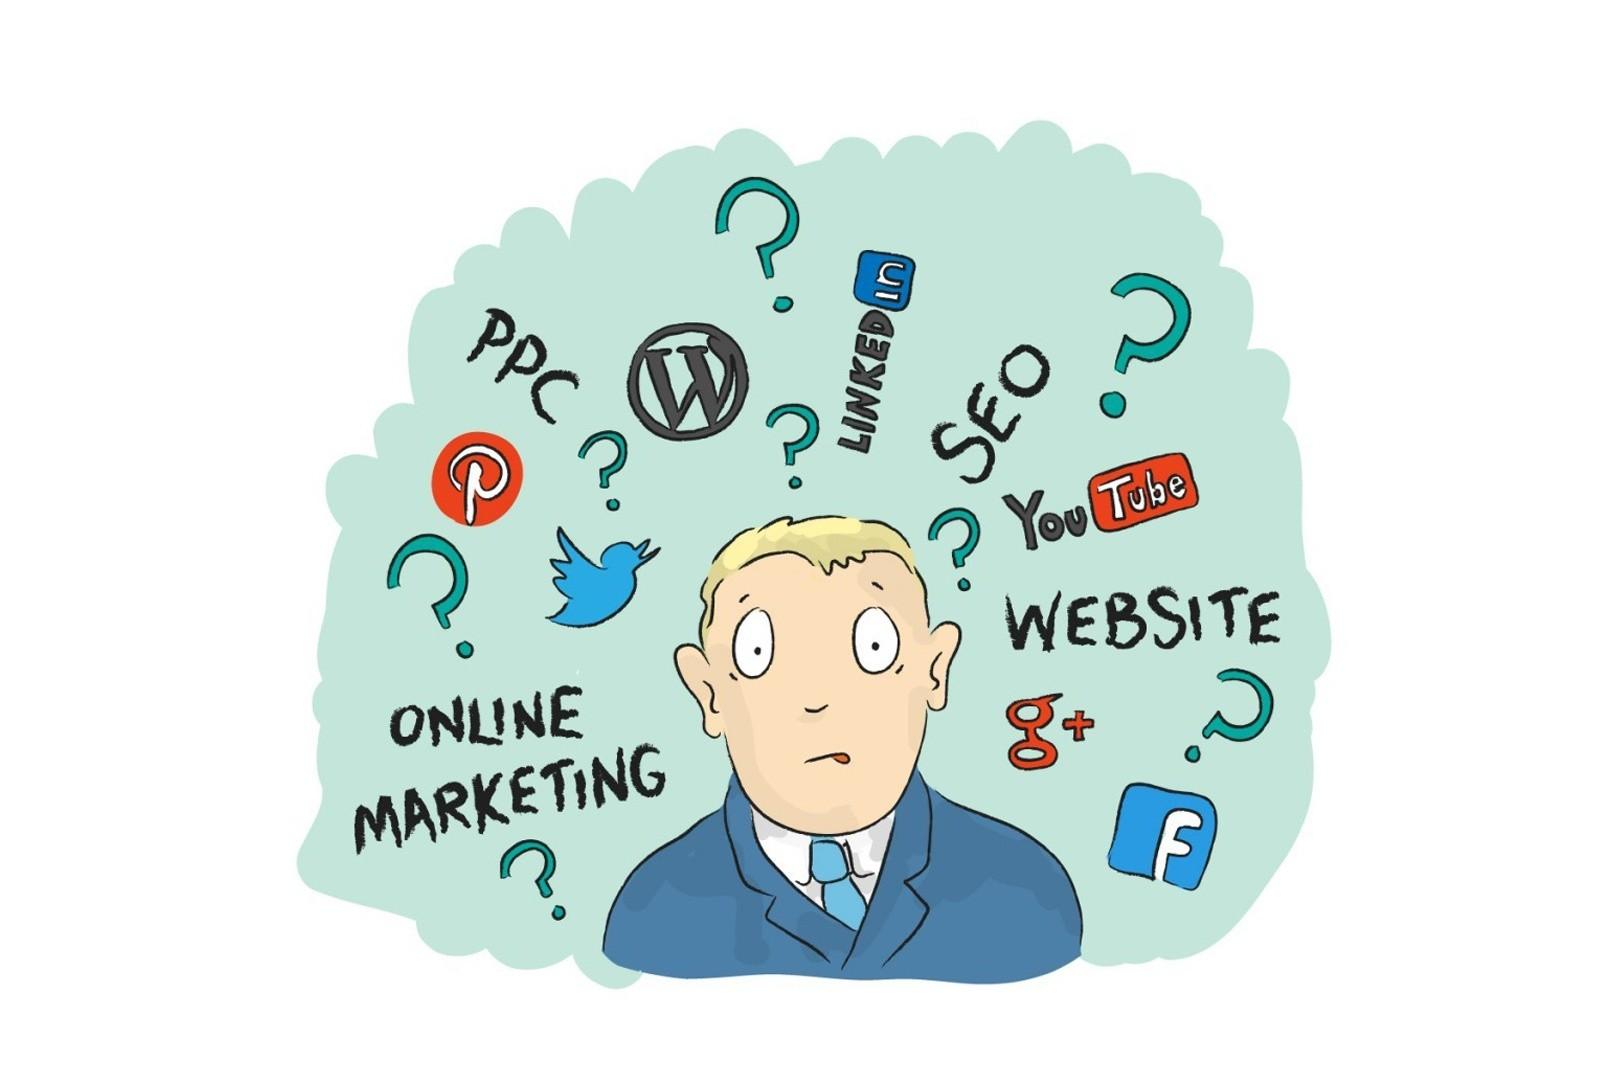 Интернет маркетинг это что?